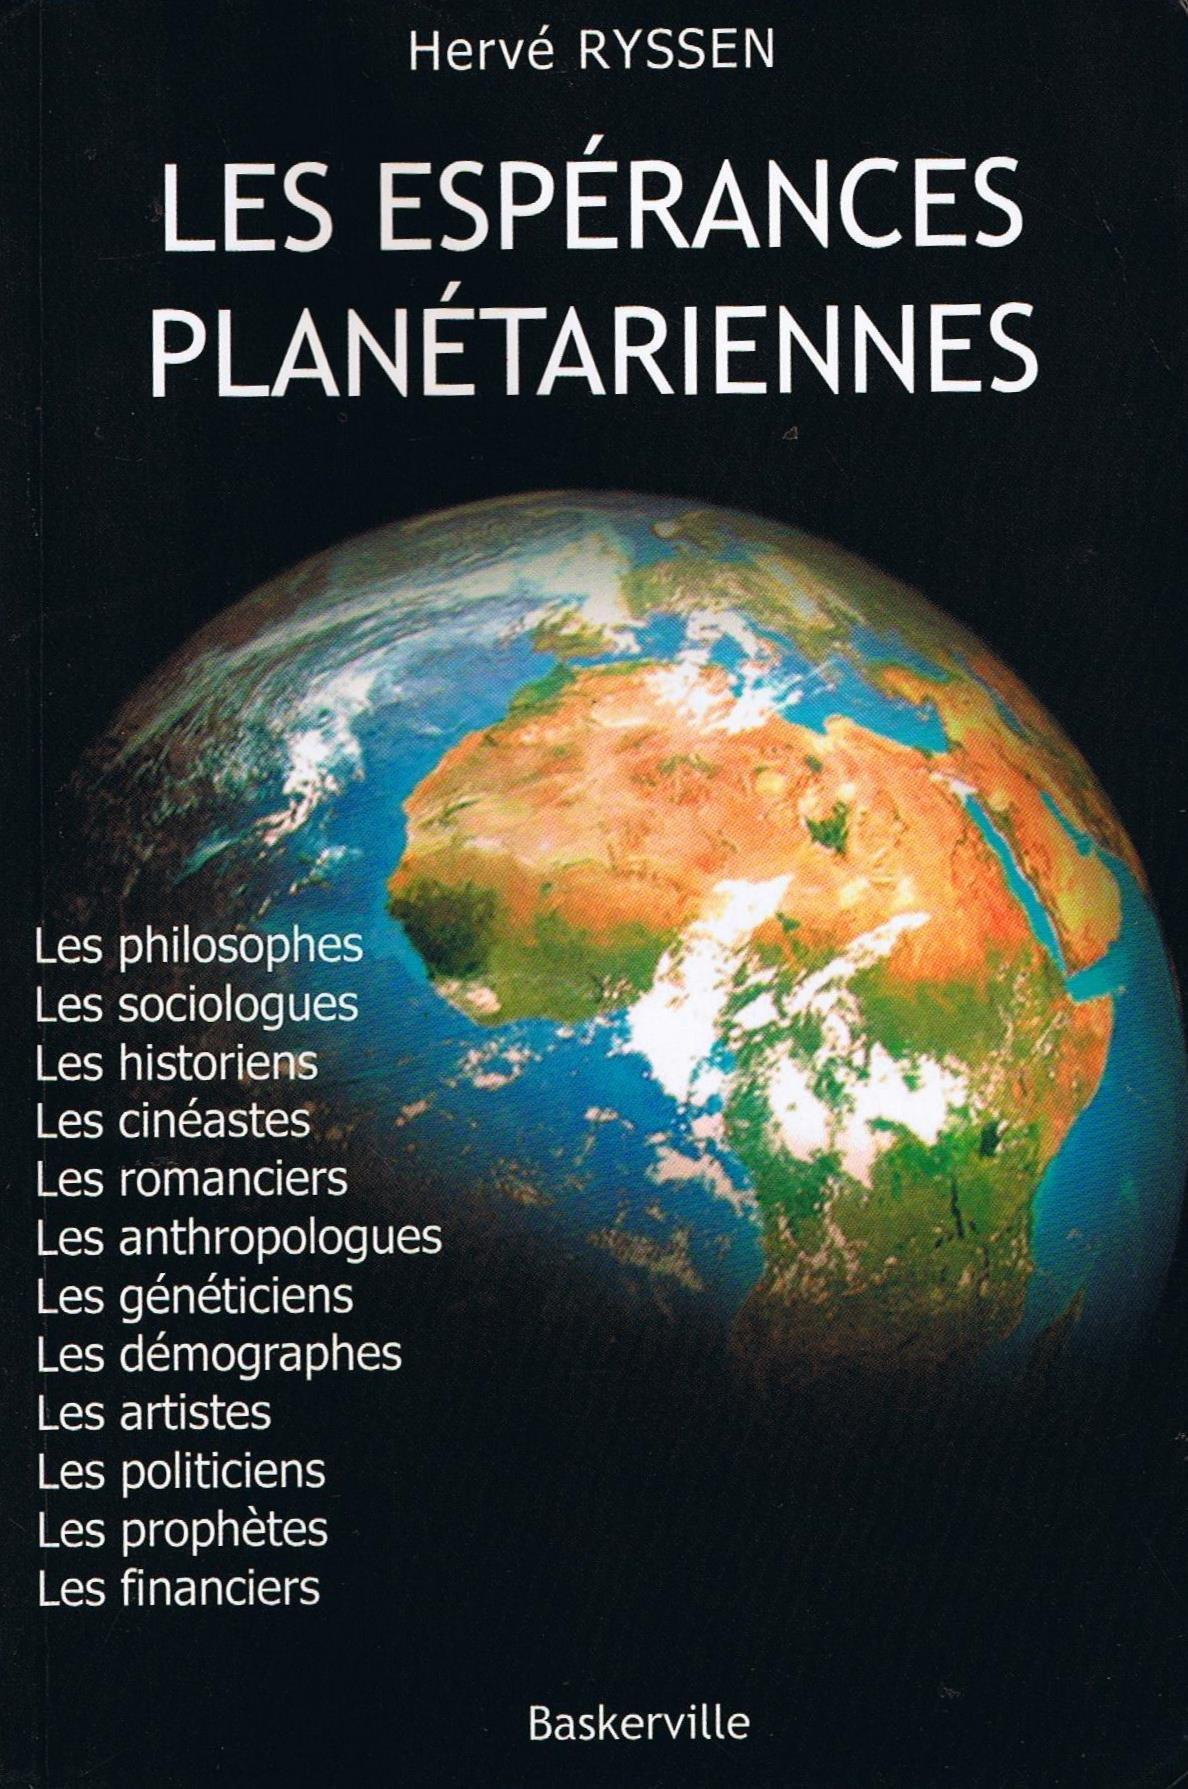 Read Les esprances plantariennes Best PDF - LHAIRART.KIRMATAS.ORG